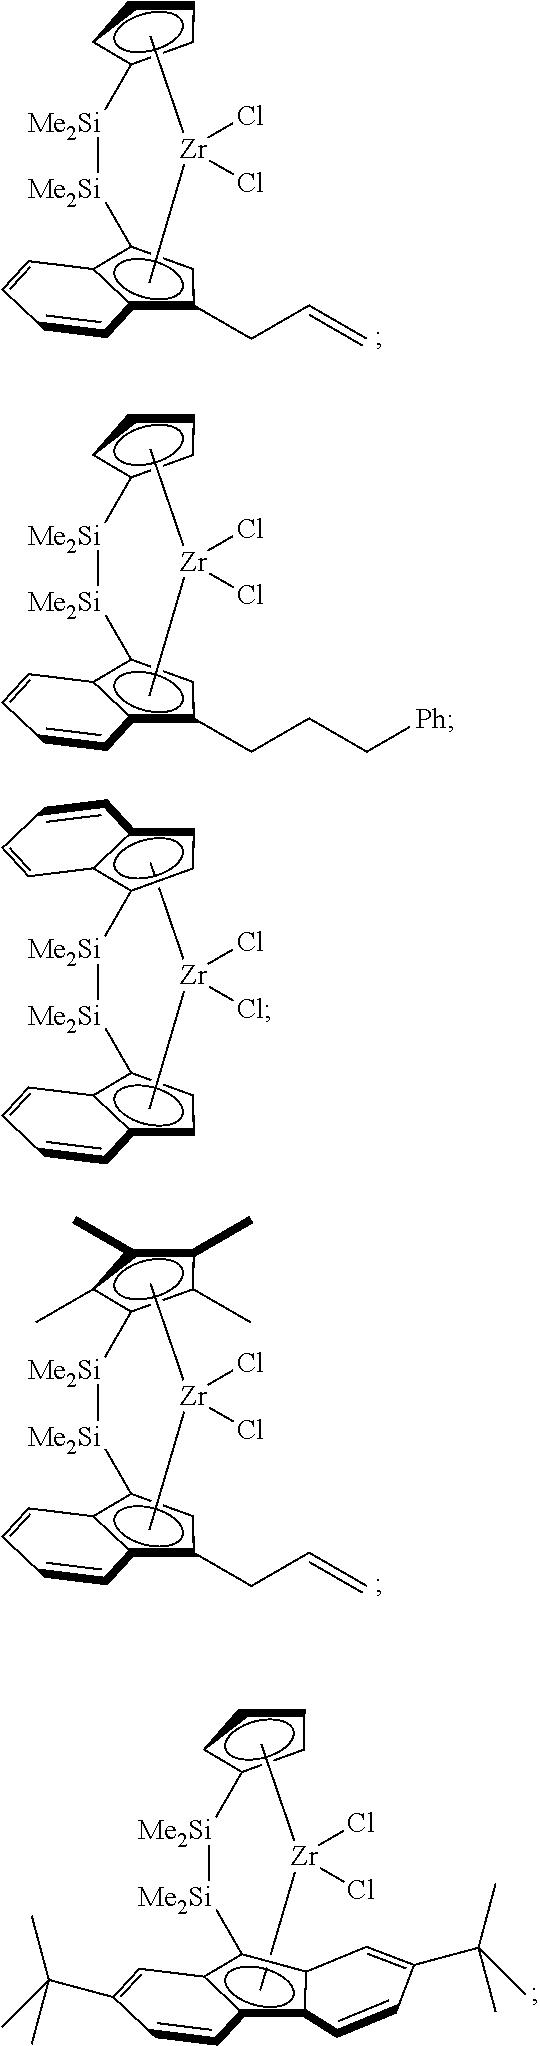 Figure US08637616-20140128-C00001